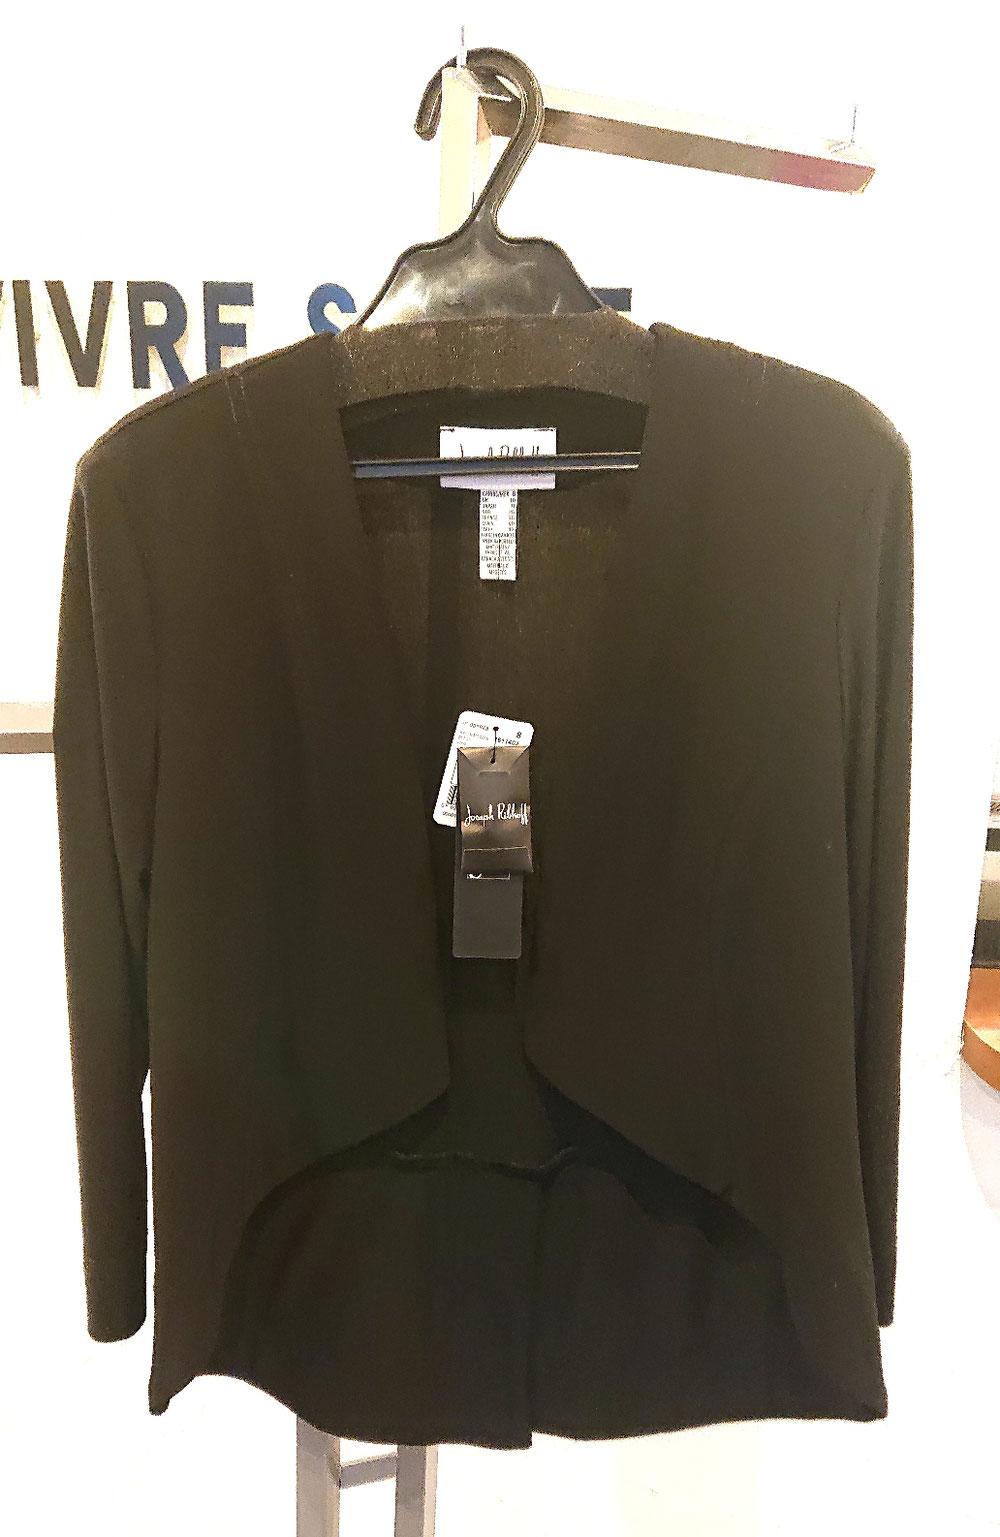 ジャケット税込¥27,500(ジョセフリブコフ)